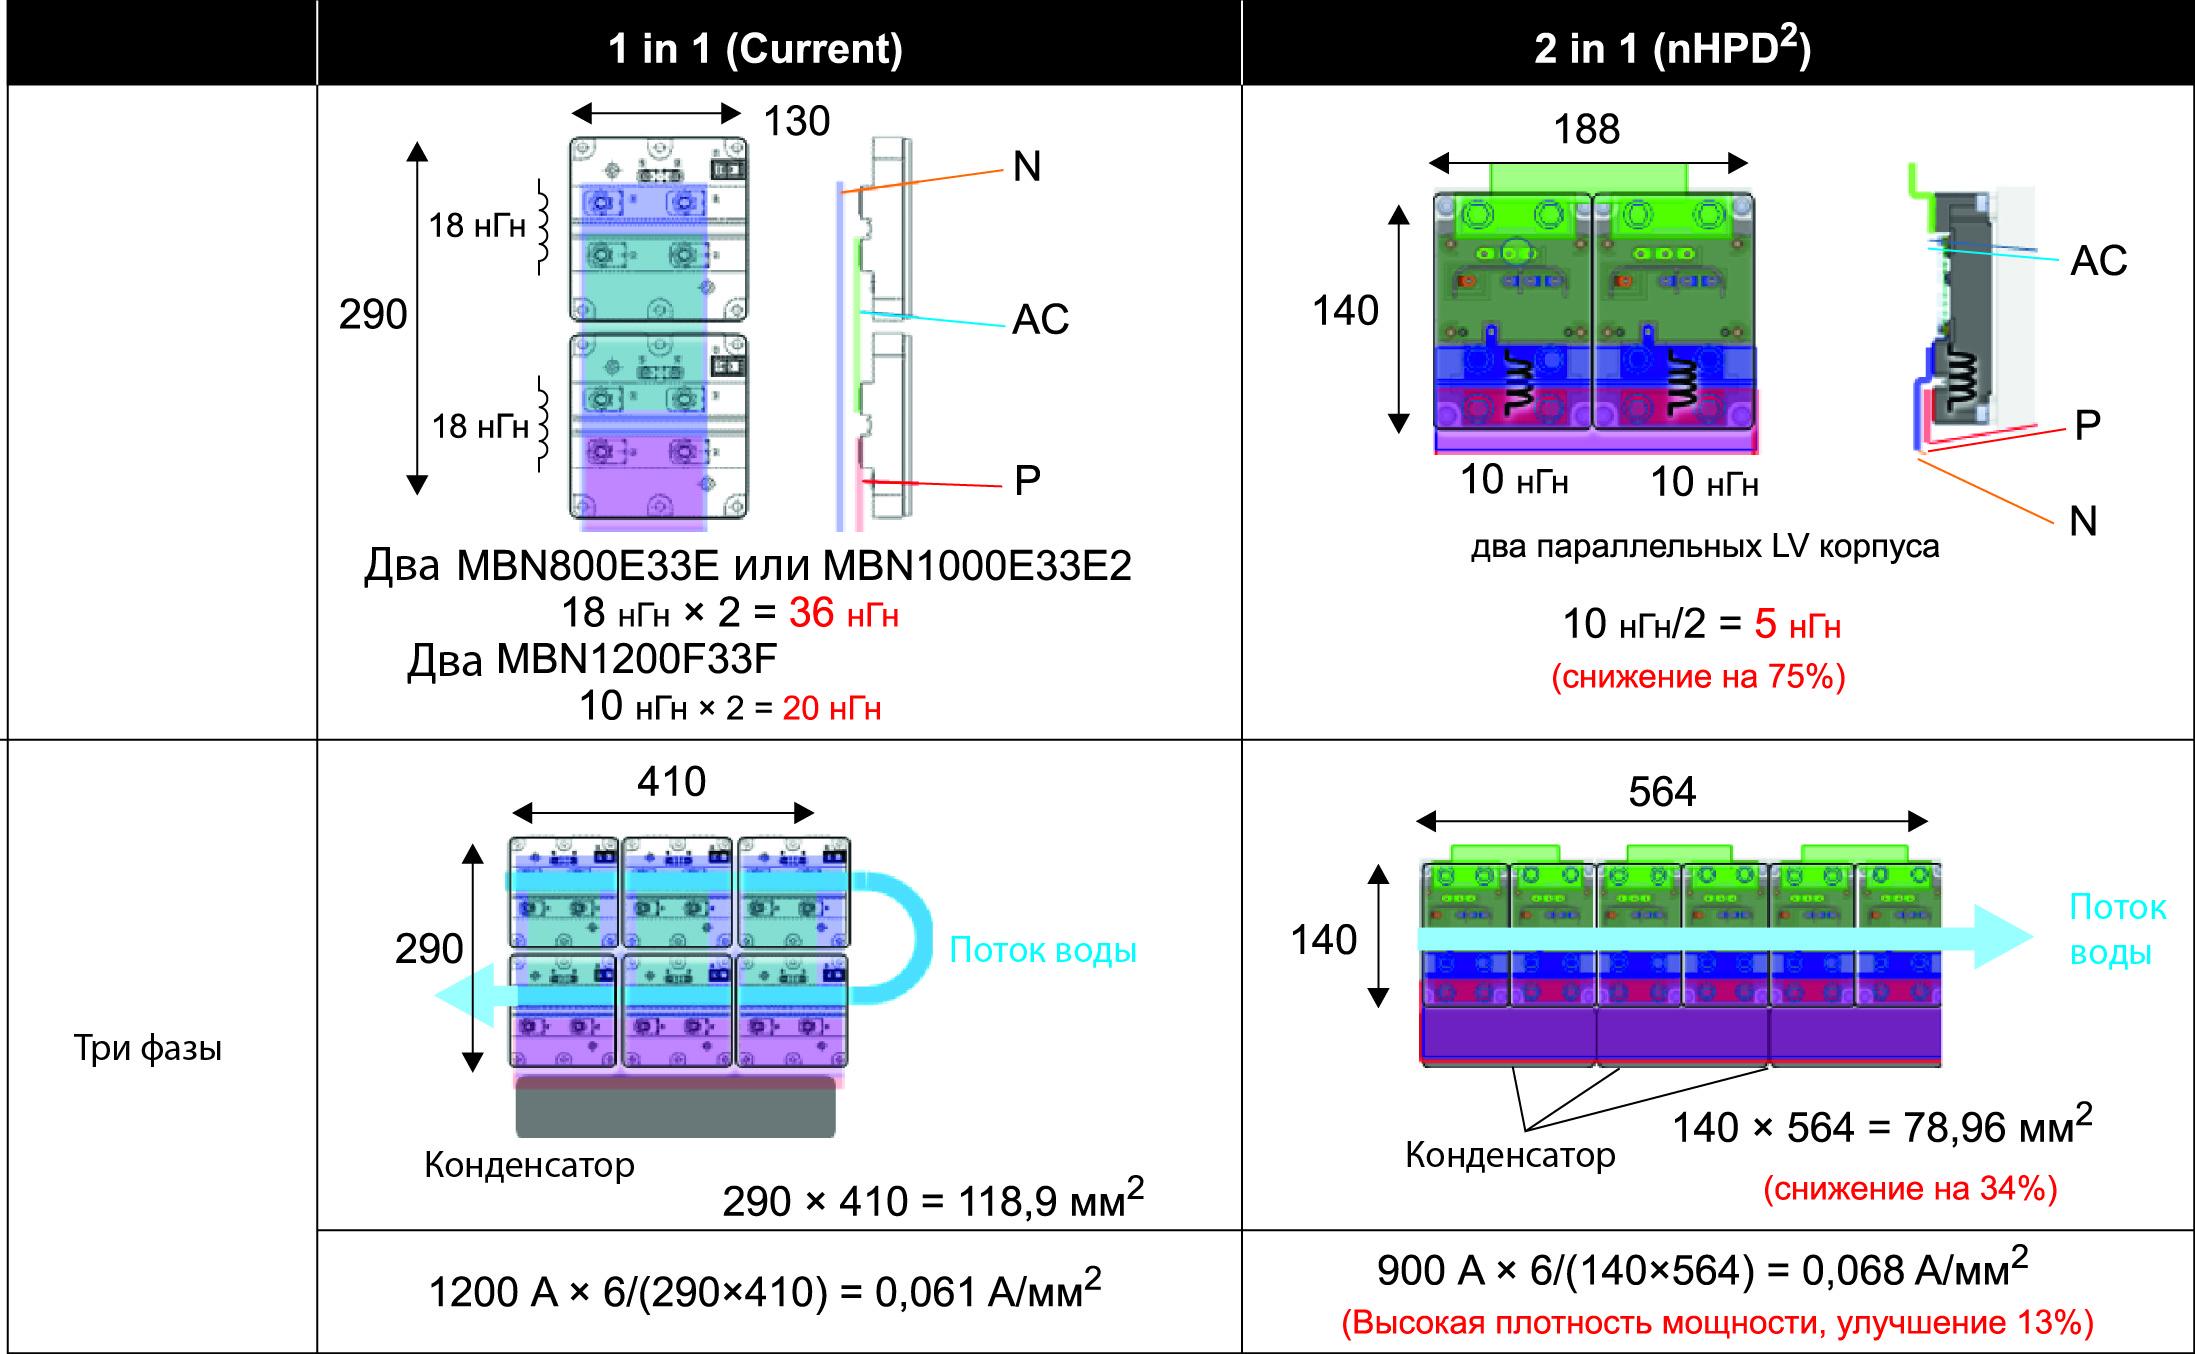 Топология конвертера со стандартным модулем и nHPD